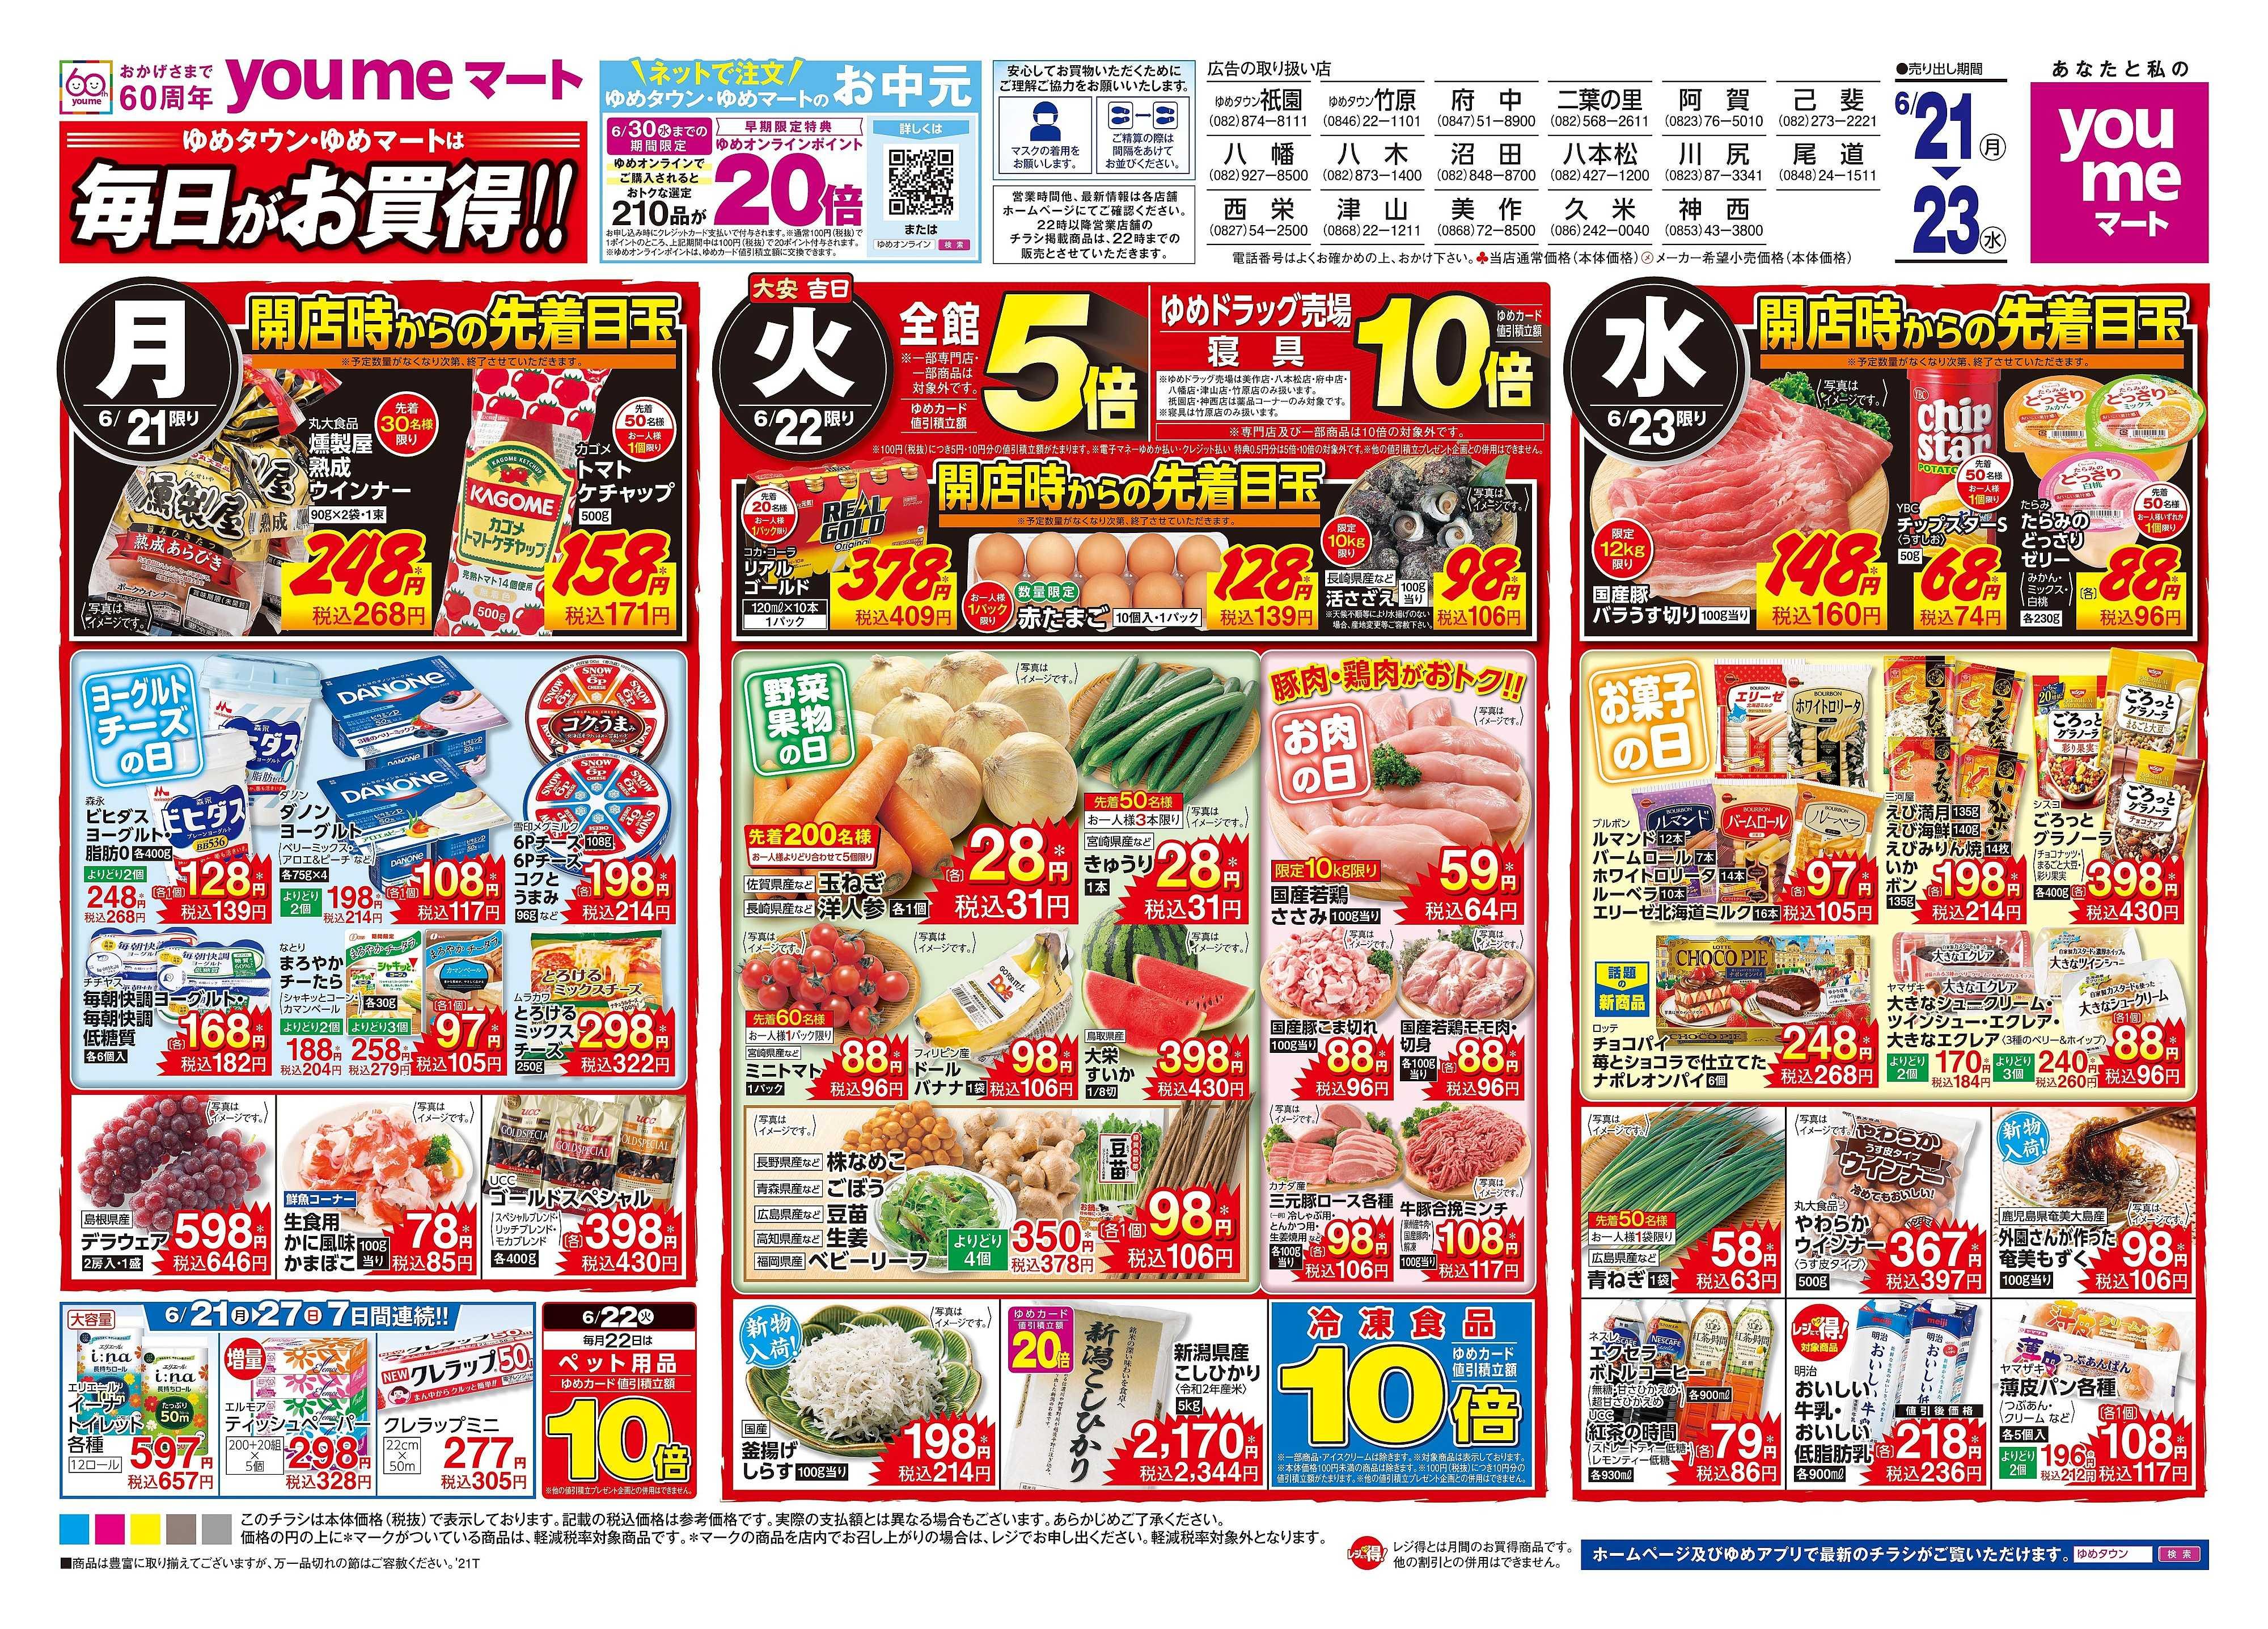 ゆめマート 6/21(月)-6/23(水)